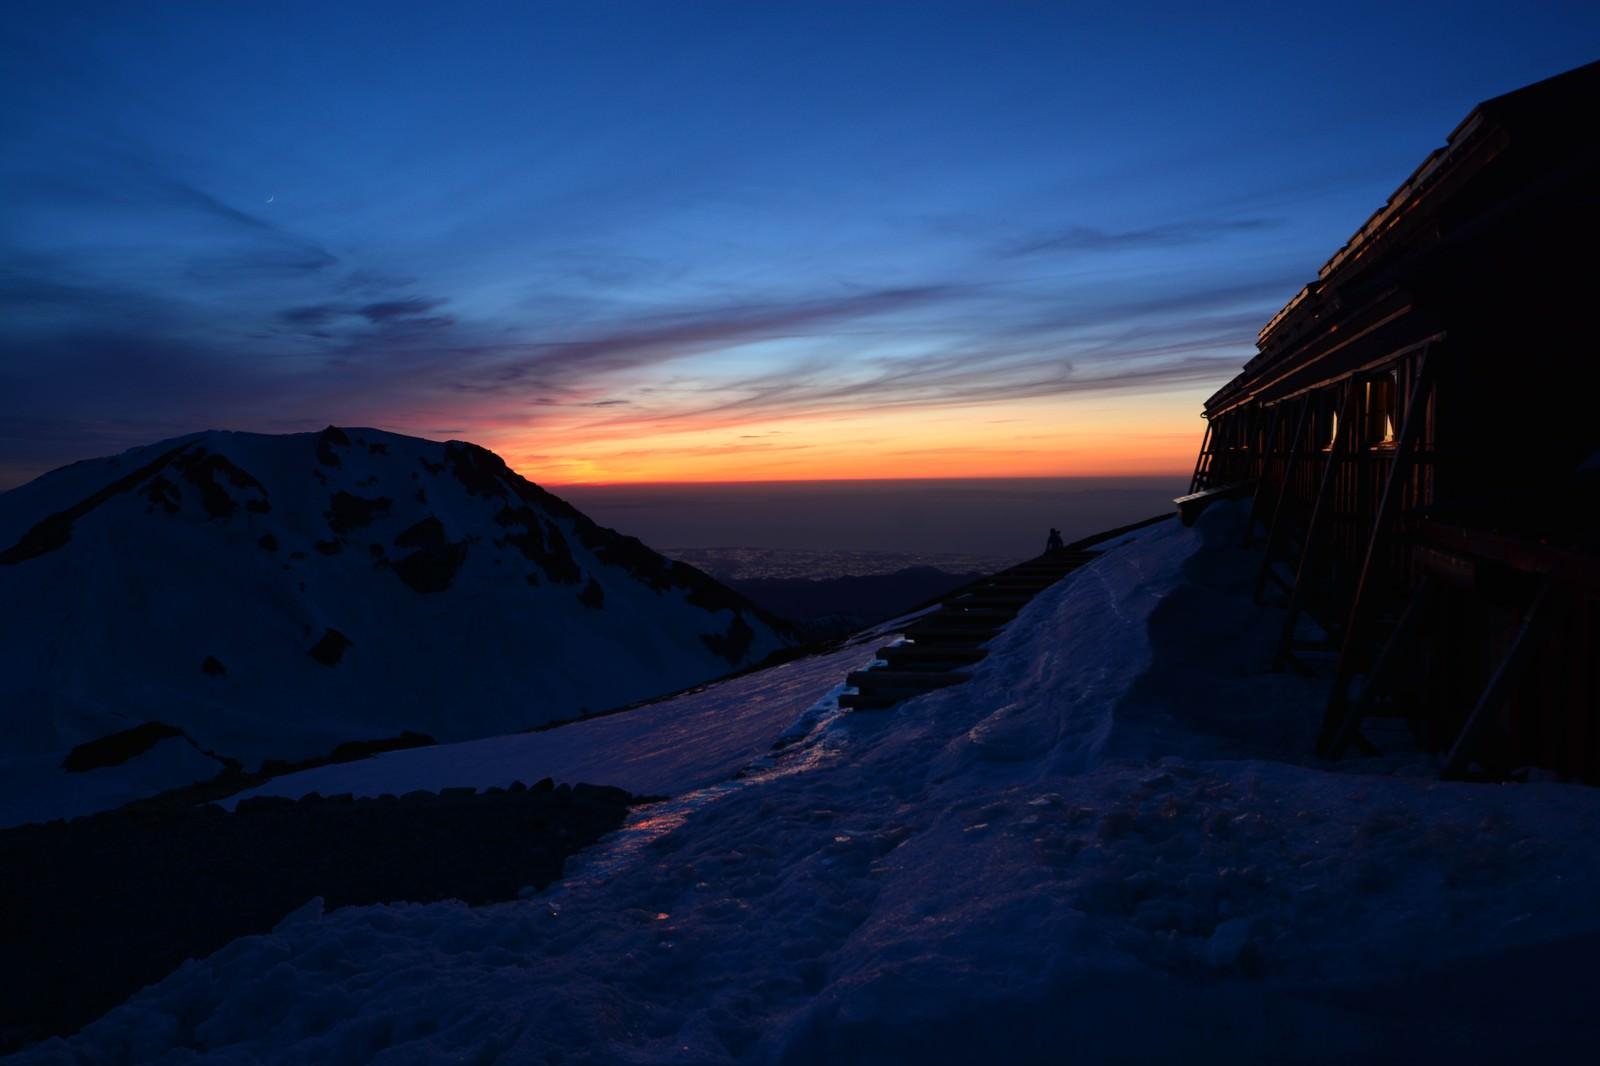 「白馬山荘の夕日」の写真